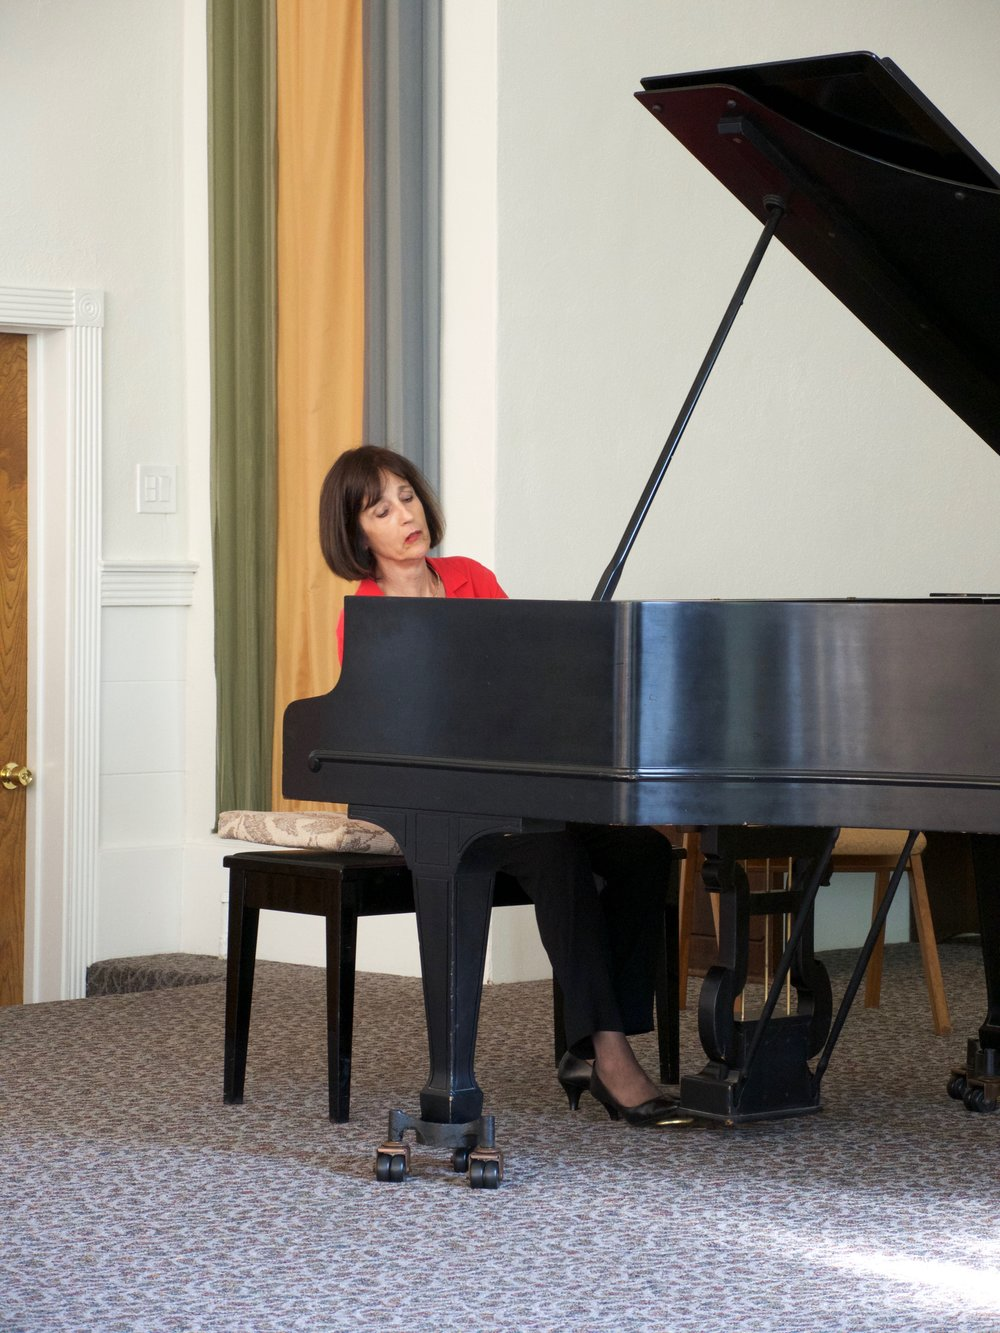 Polly Schaffner